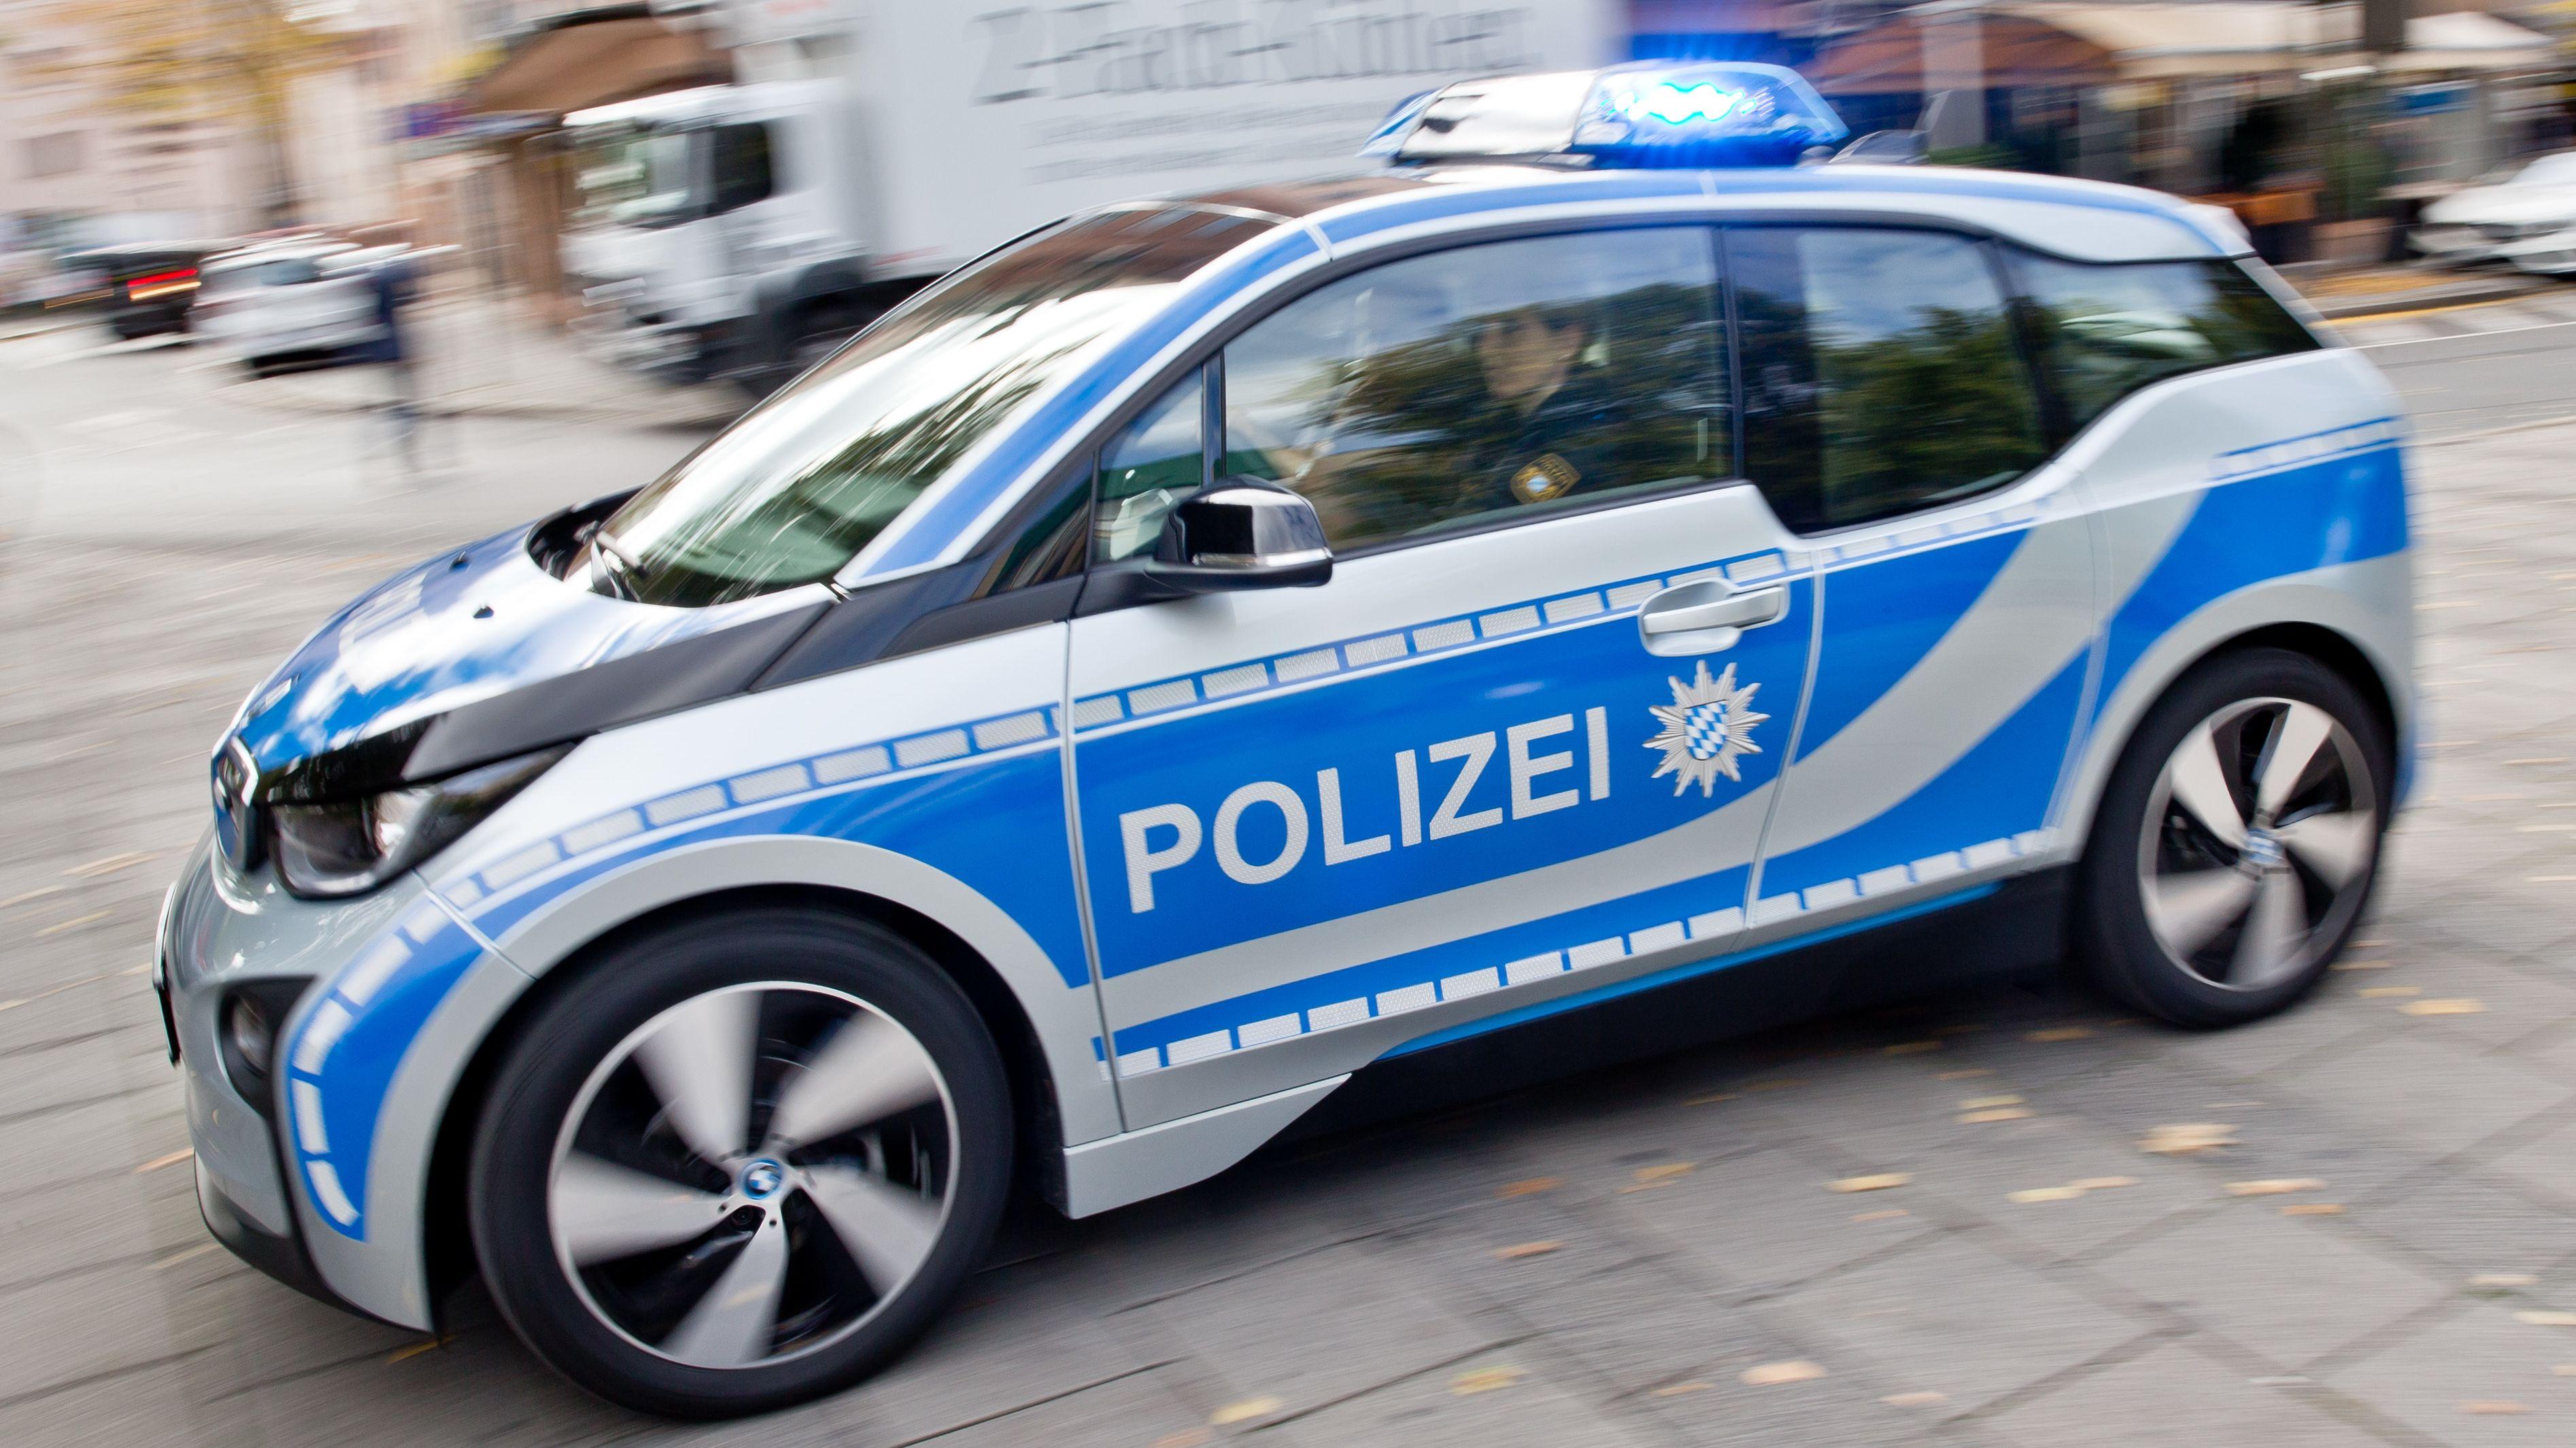 Polizei Augsburg: Elektro-Testauto als Streifenwagen ungeeignet